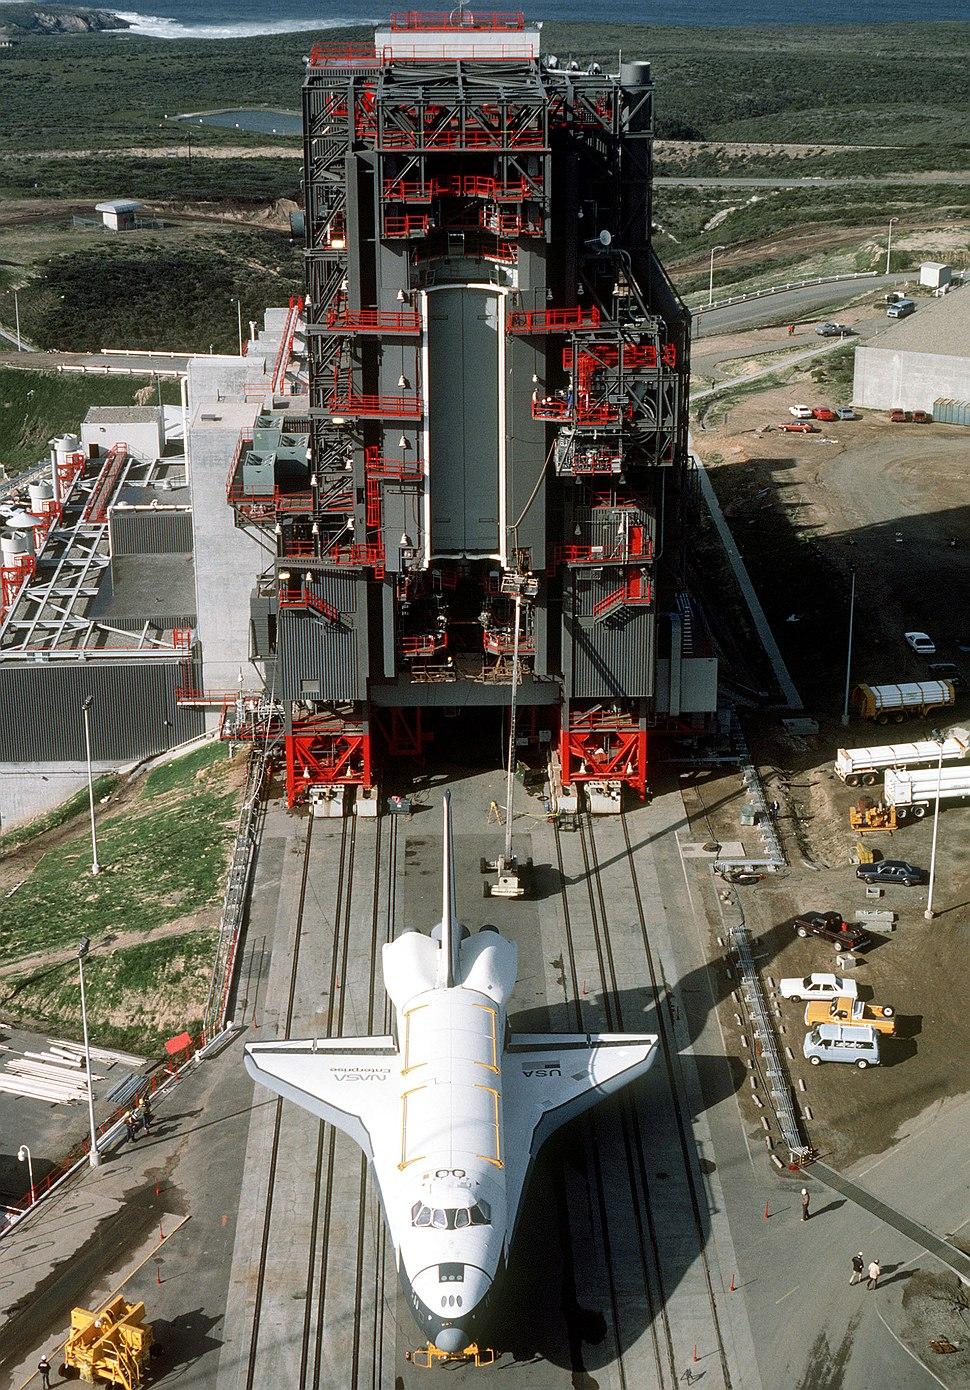 Enterprise at Vandenberg AFB SLC-6 - DF-ST-86-09420